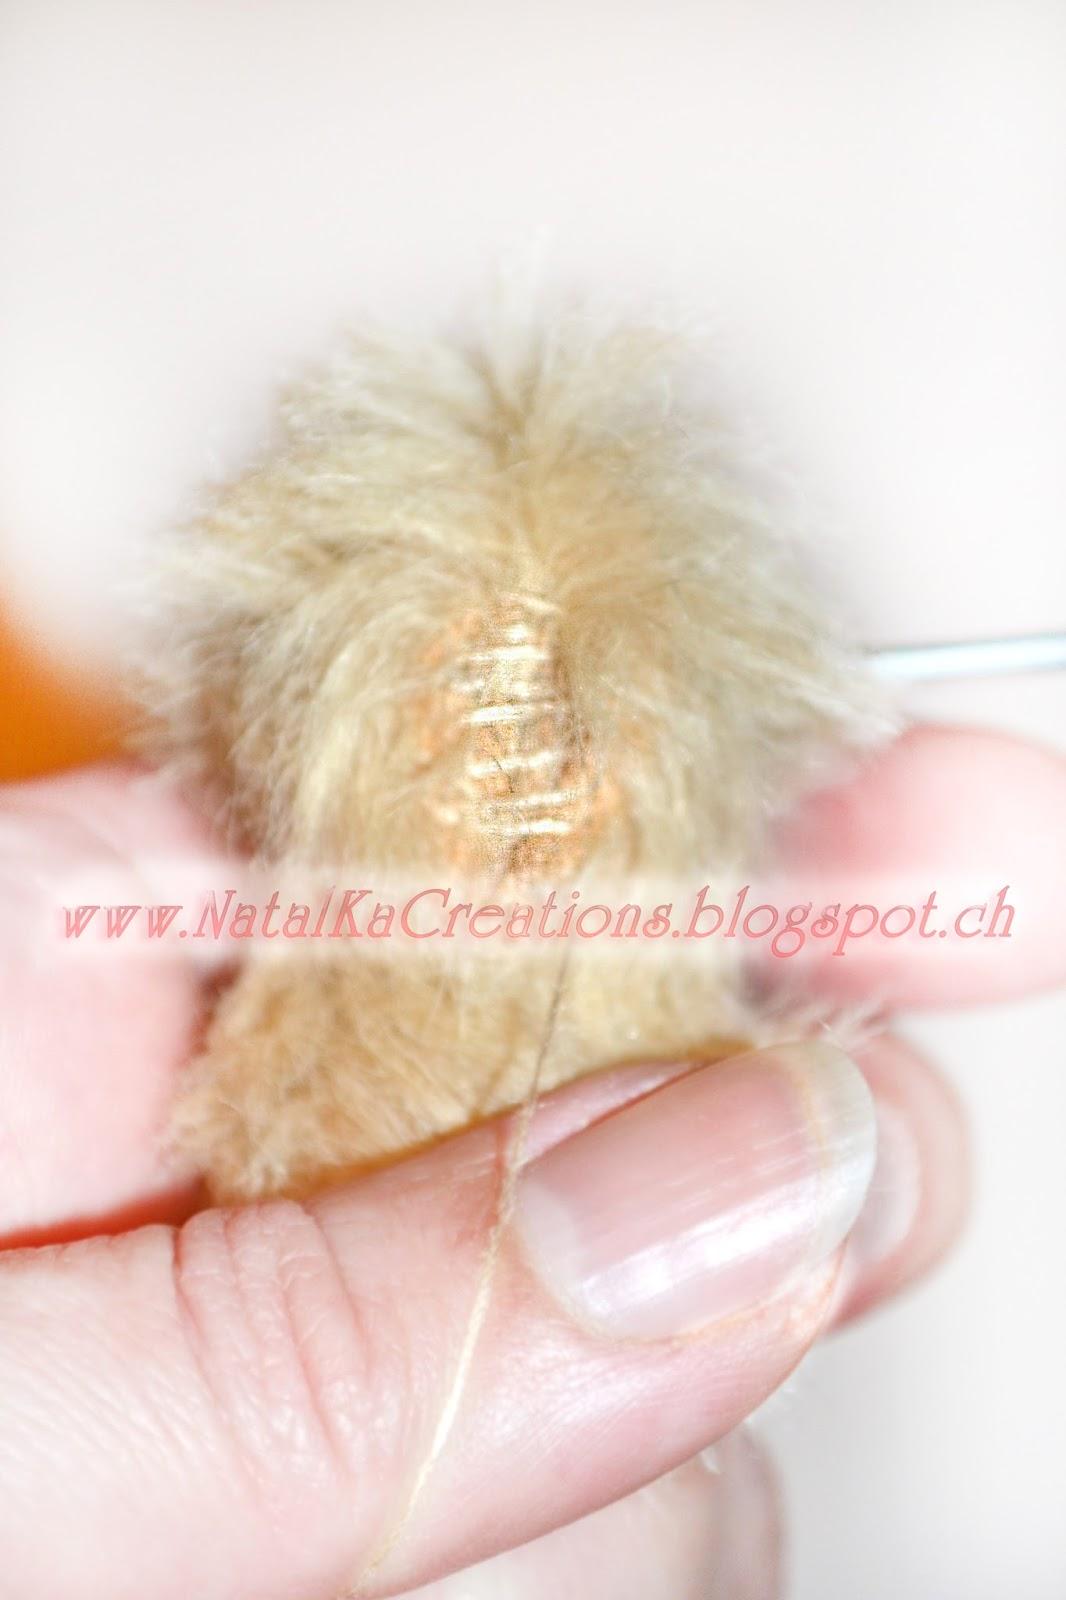 Мастер-класс по пошиву мишки тедди, как сшить мишку тедди, совместный пошив по мишке тедди от NatalKa Creations